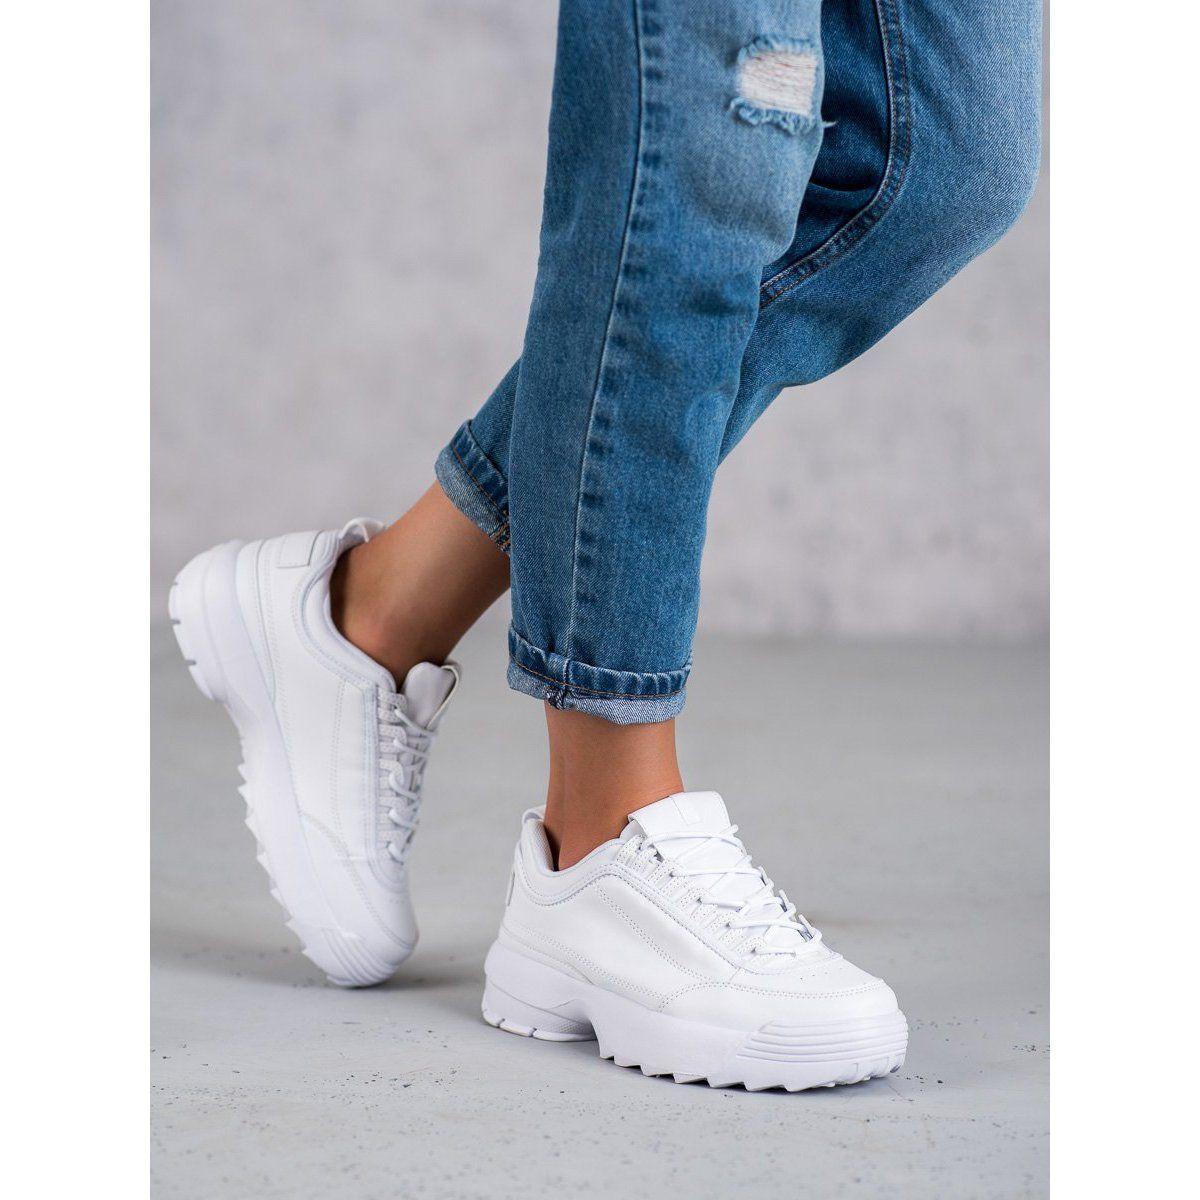 Shelovet Modne Buty Sportowe Biale Fashion White Sneaker Adidas Stan Smith